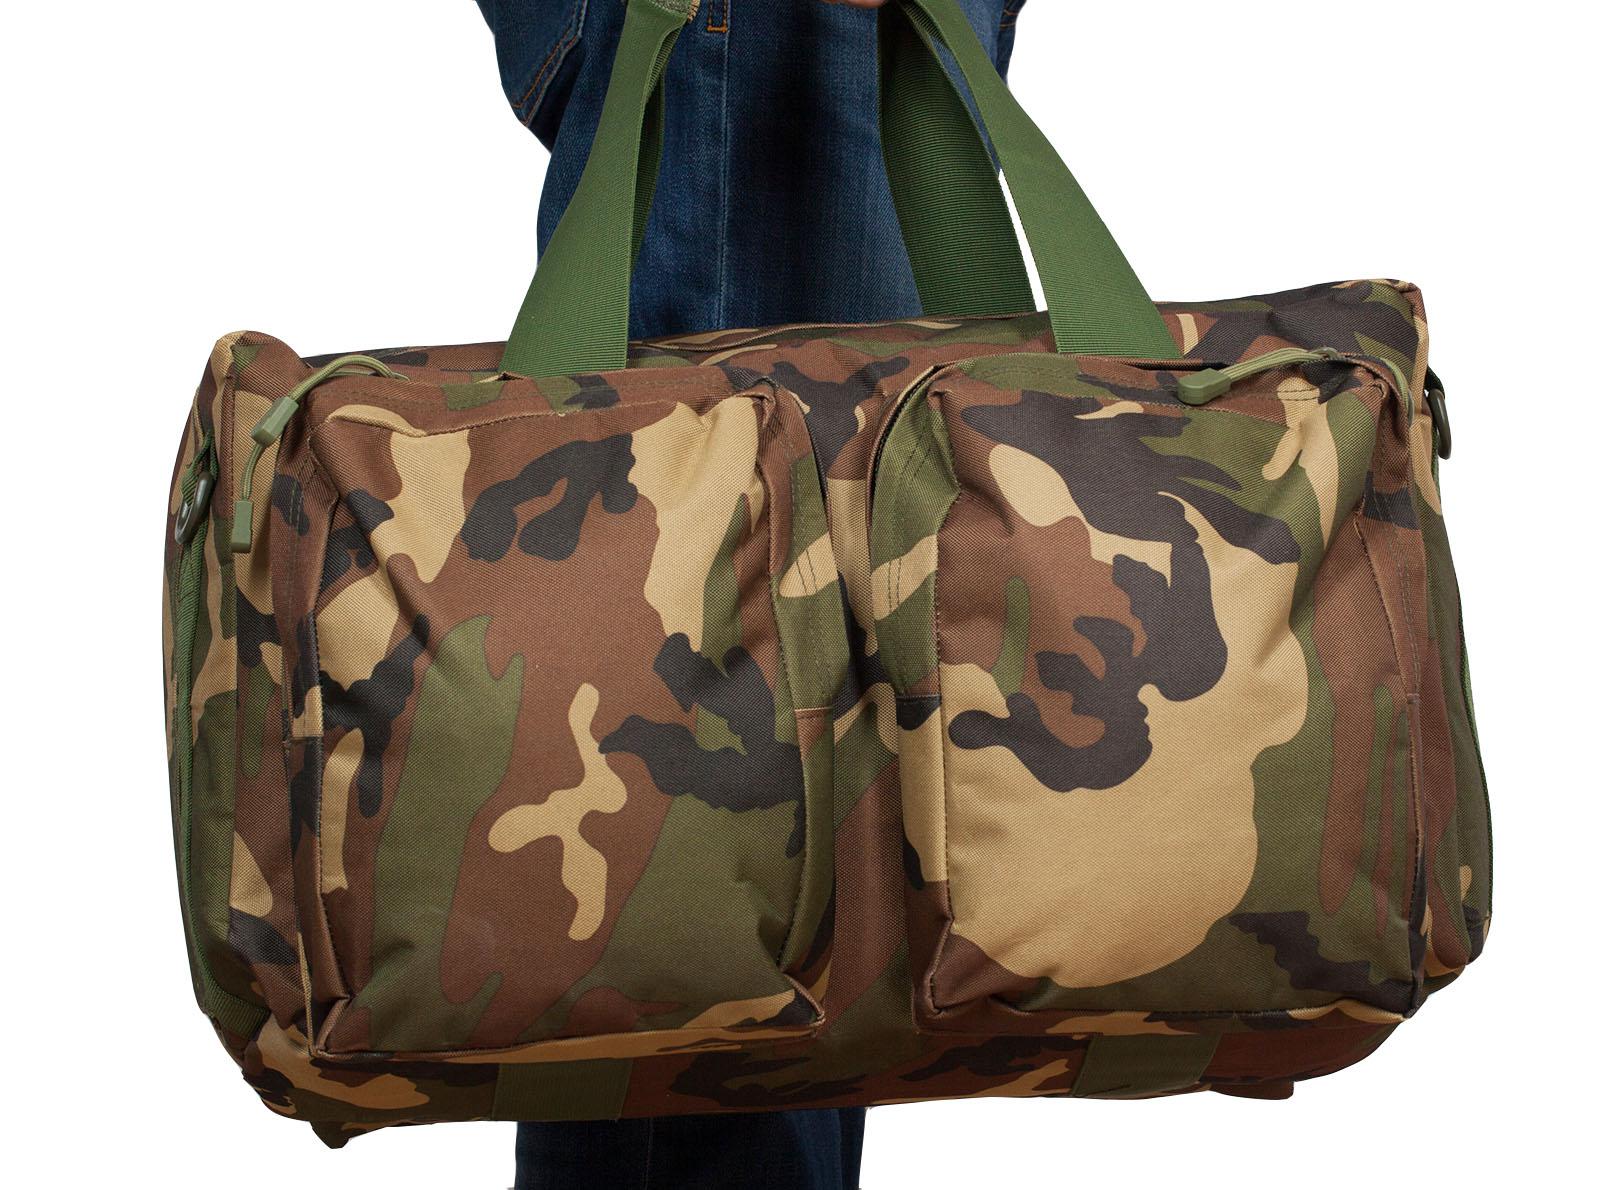 Купить тактическую сумку разведчика наложенным платежом